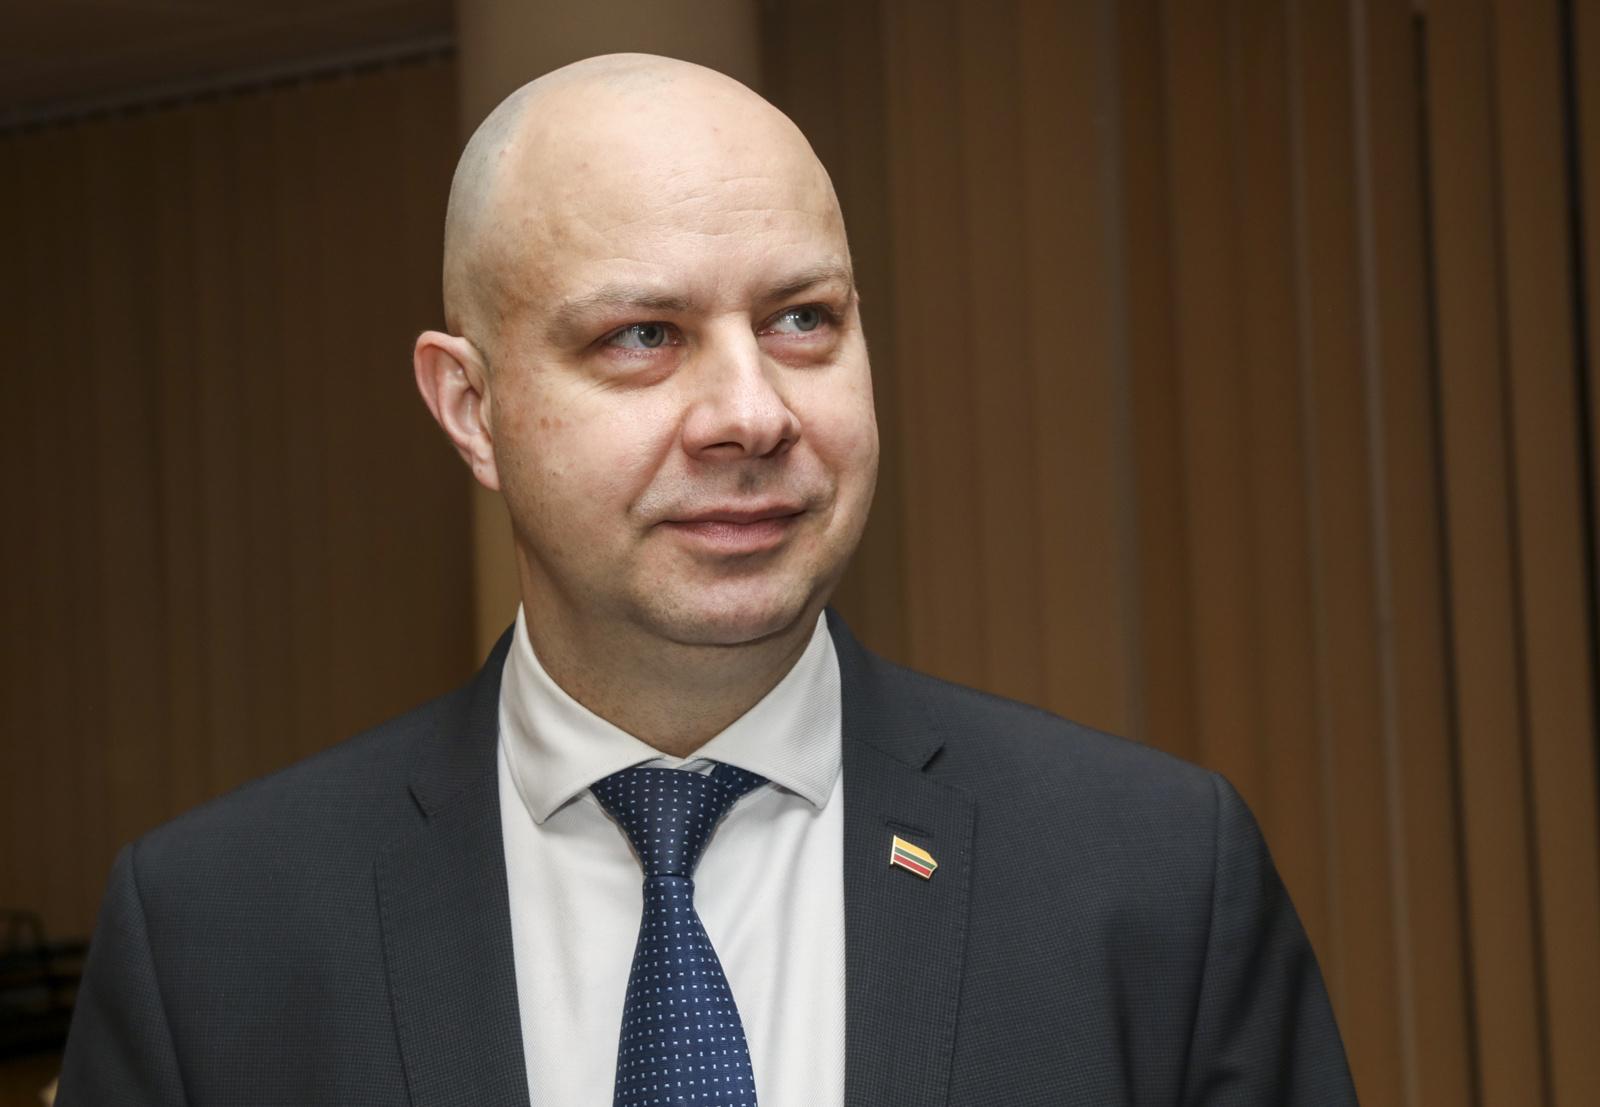 VTEK: ministras A. Veryga, nenusišalindamas nuo sutuoktinės darbovietės, pažeidė įstatymą